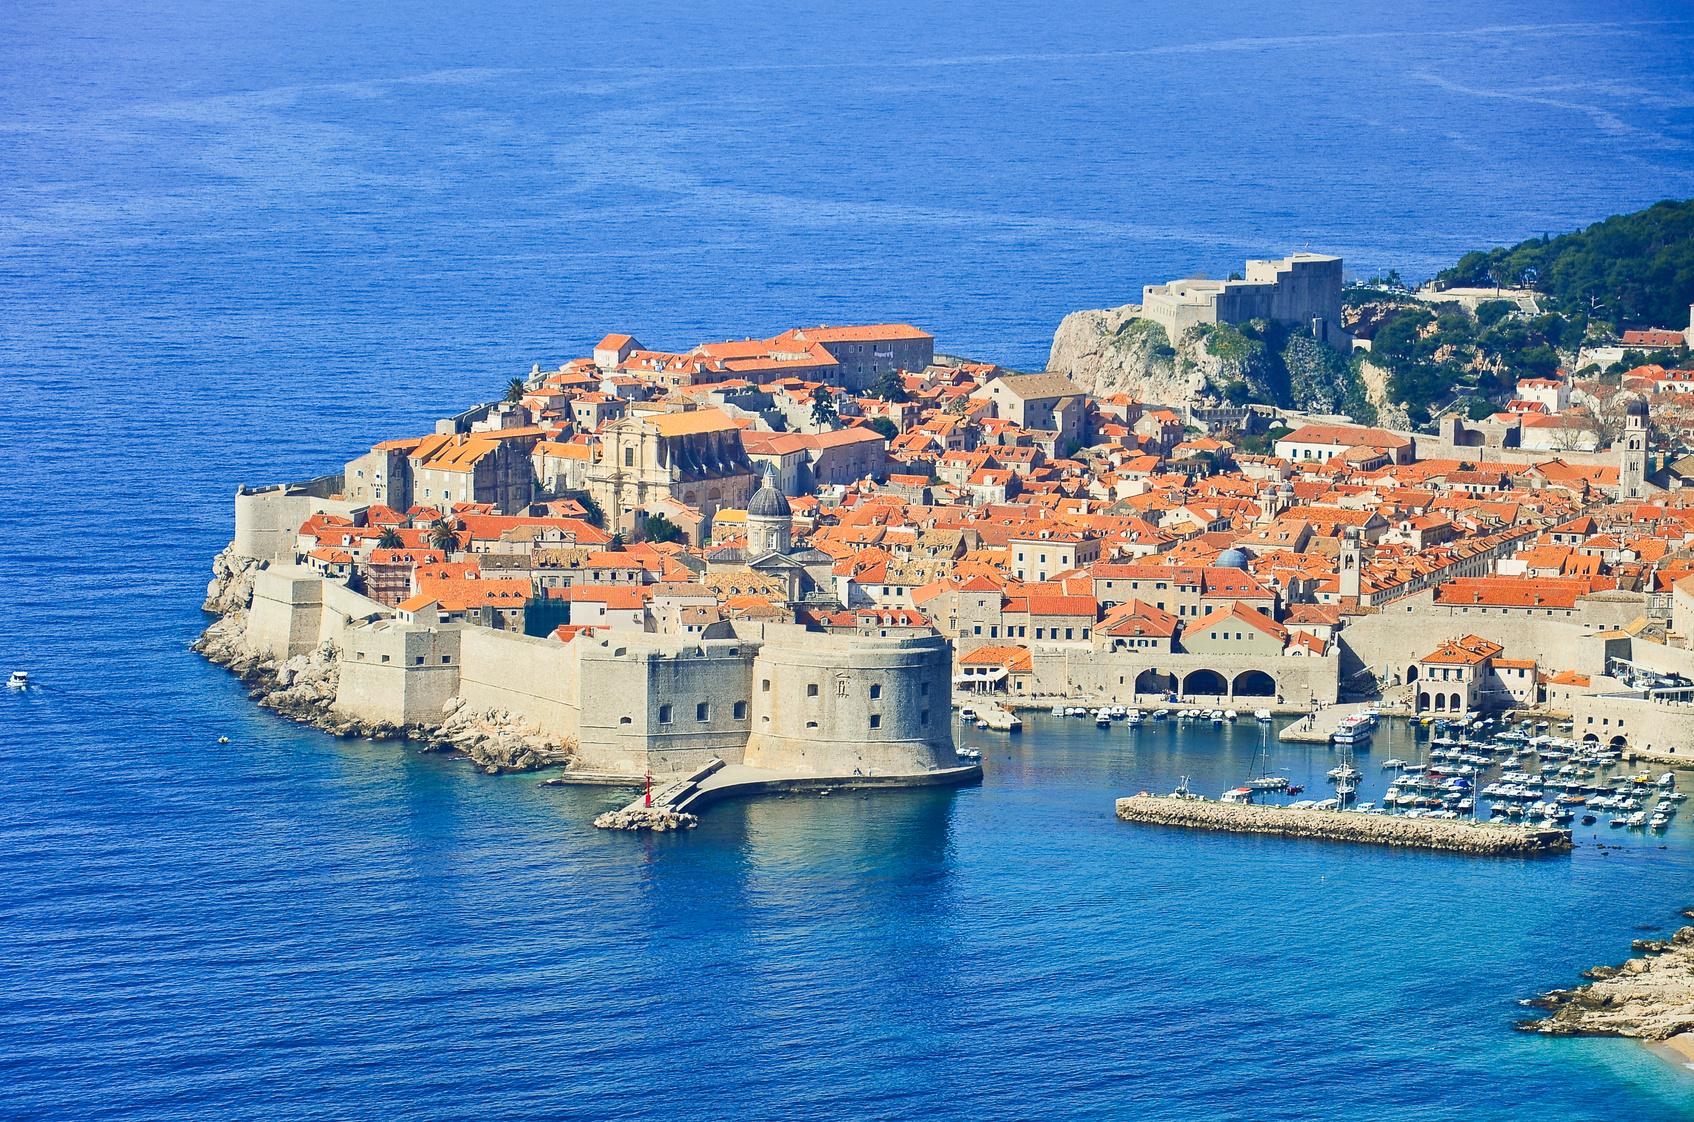 这里的岛屿星星点点,海水湛蓝,阳光充足,海岸风光旖旎,白色的城墙把